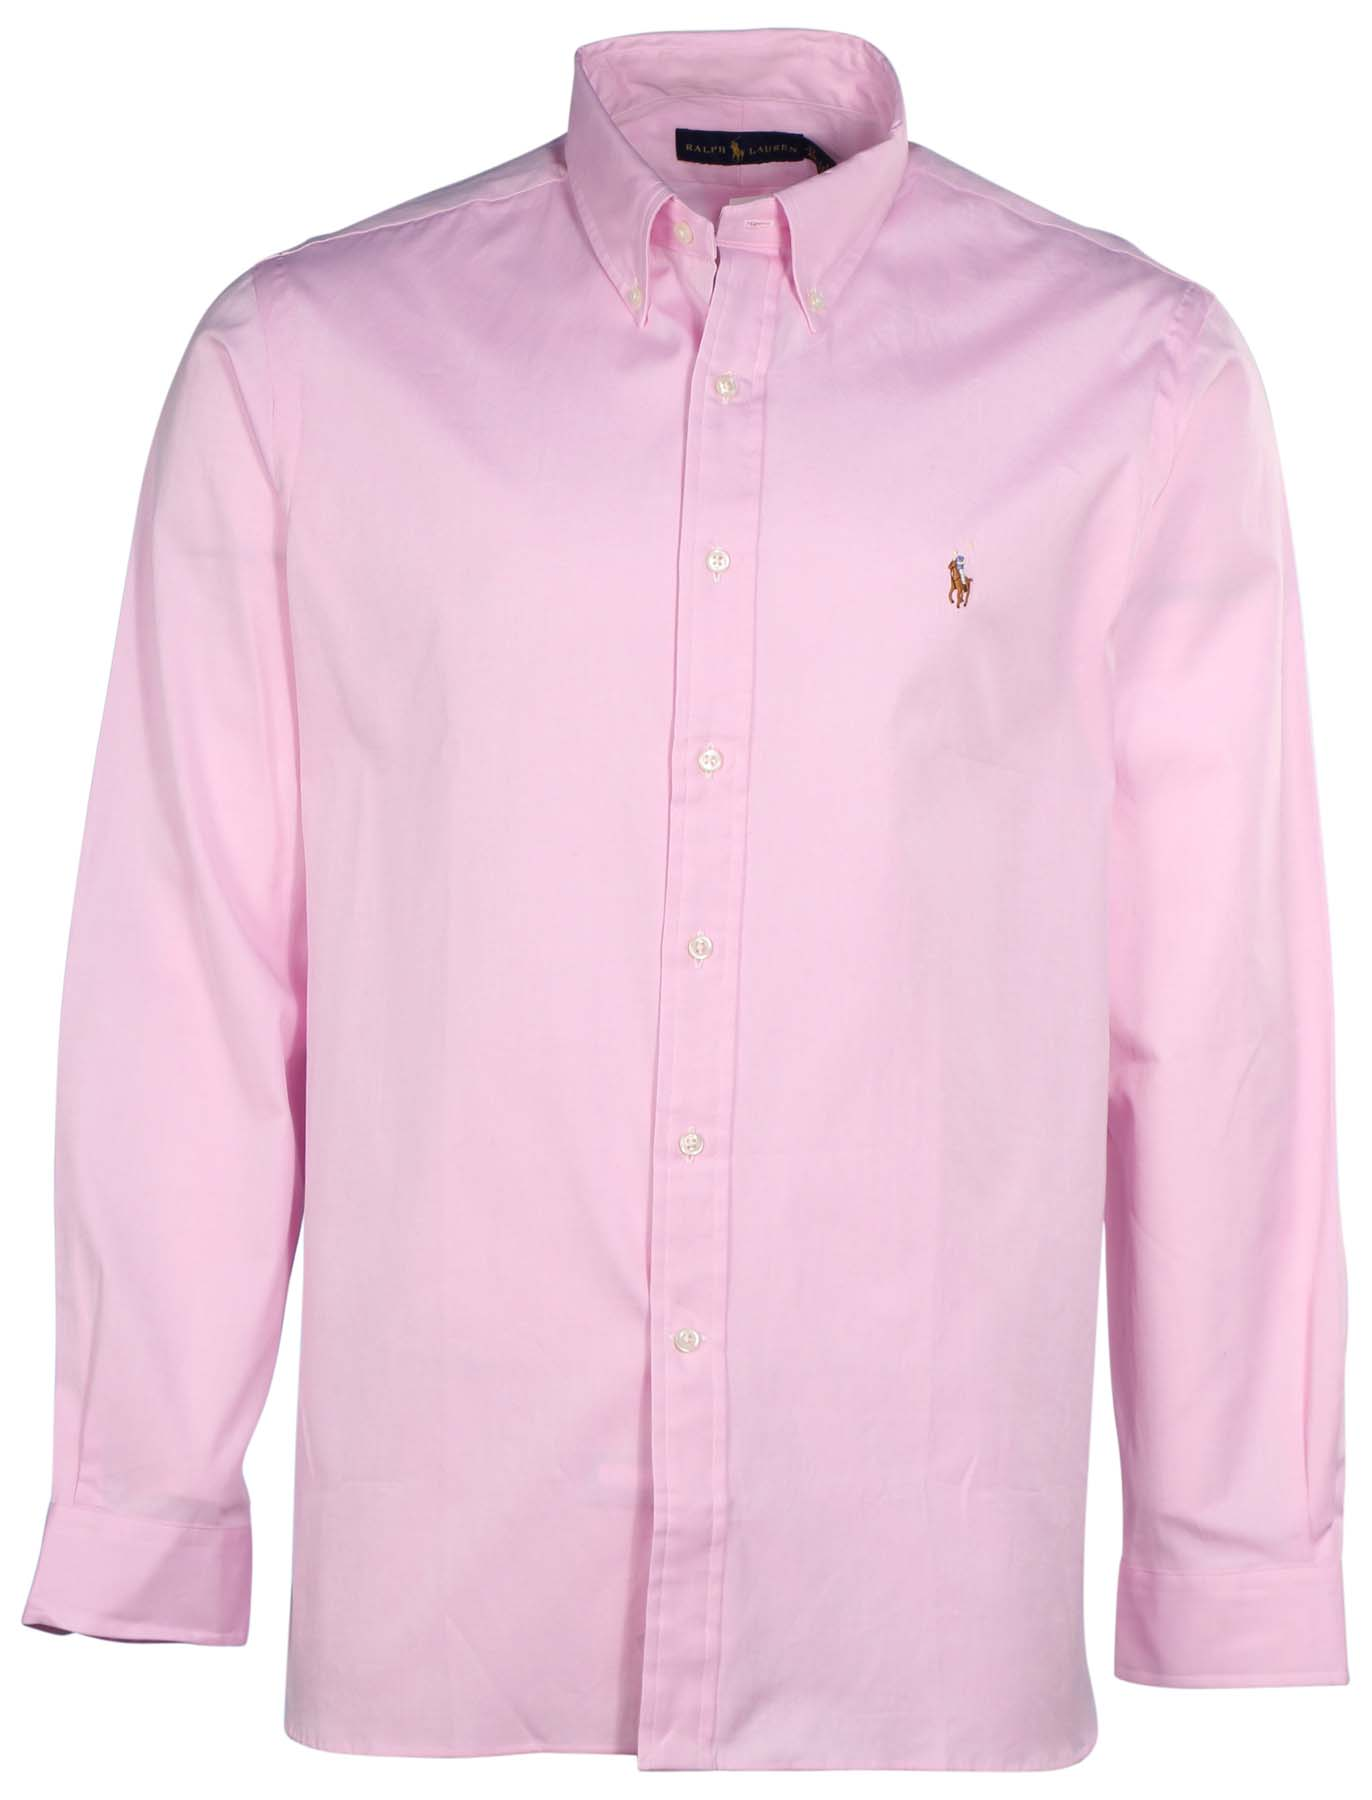 Polo ralph lauren men 39 s button down long sleeve shirt for Men s lightweight long sleeve polo shirts